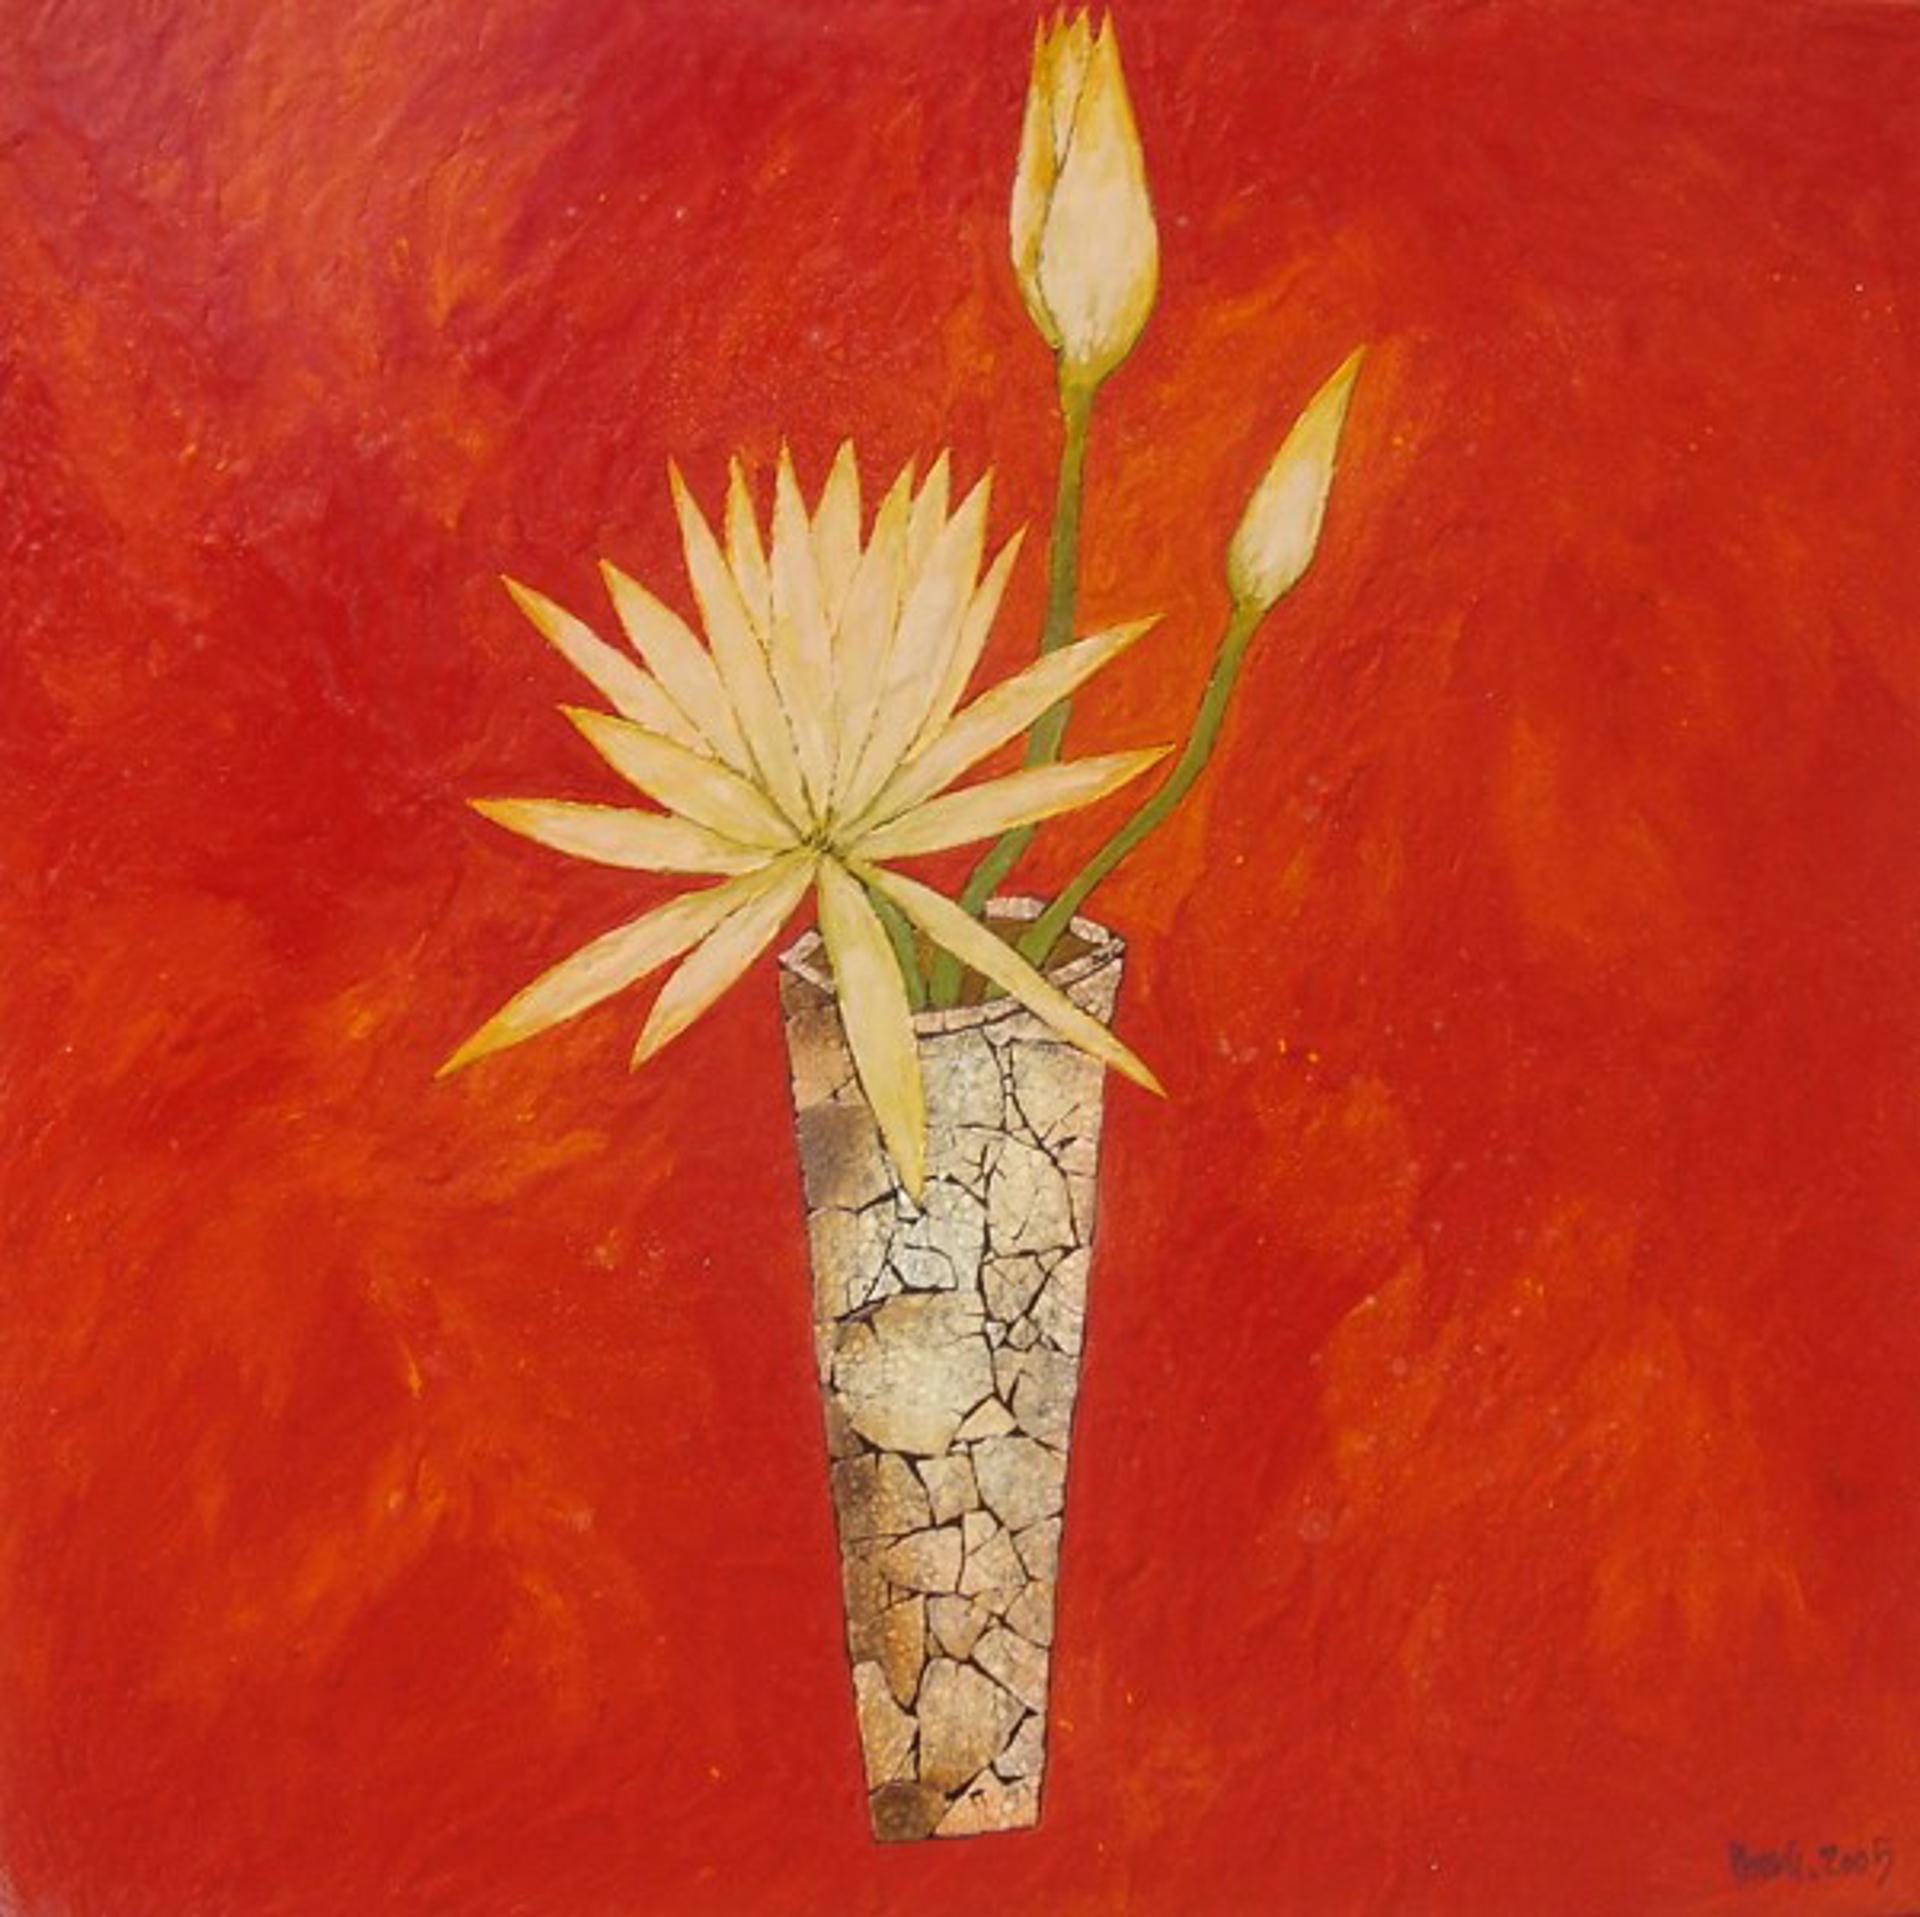 Lotus Bloom I by Hoang Thanh Vinh Phong